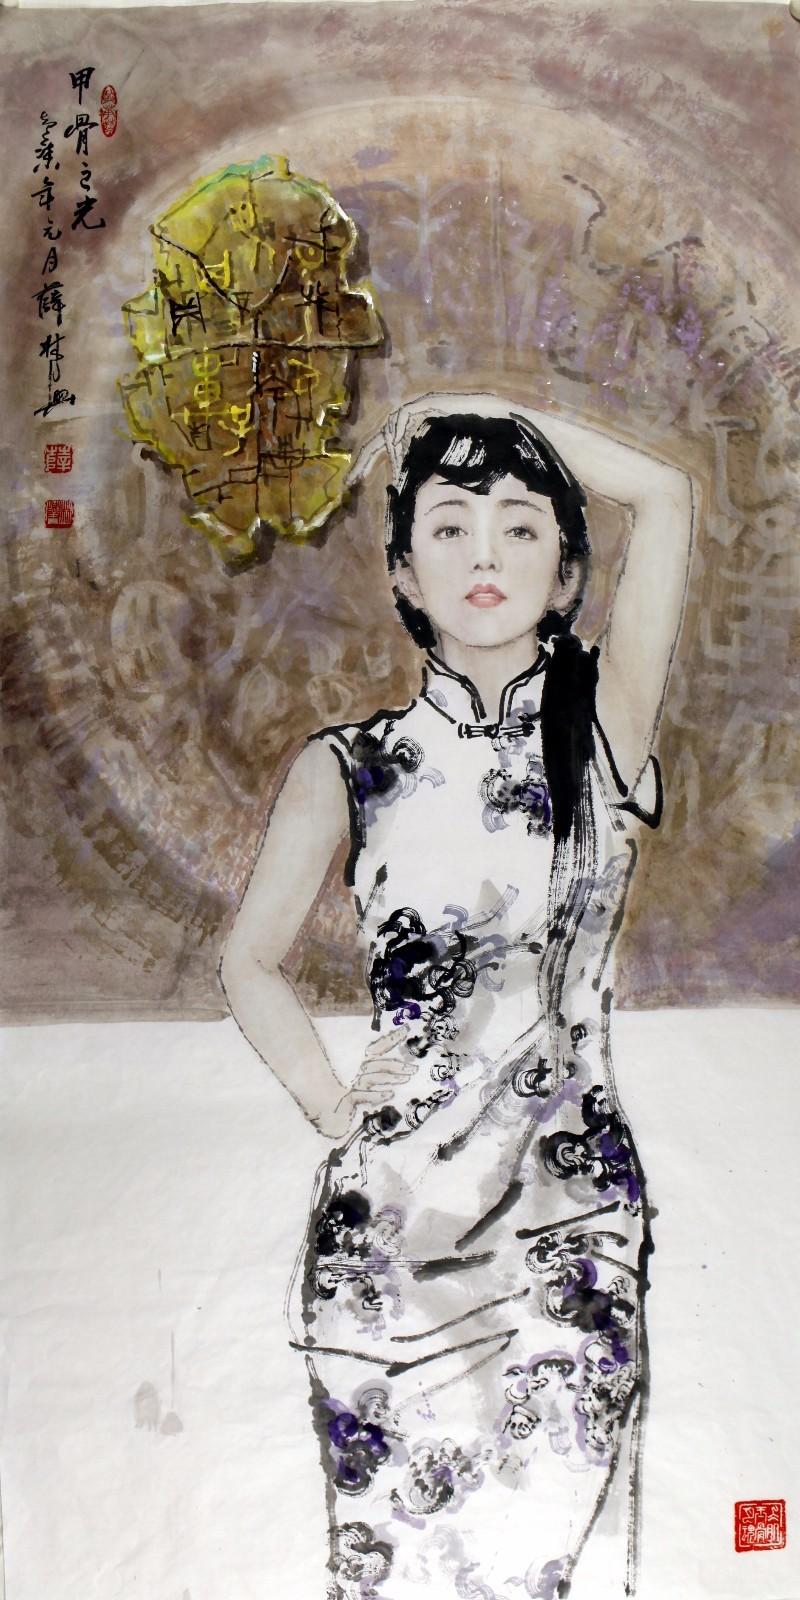 薛人体_我觉得今天能够从薛林兴的人体绘画作品里面看到的美,在学院打下的